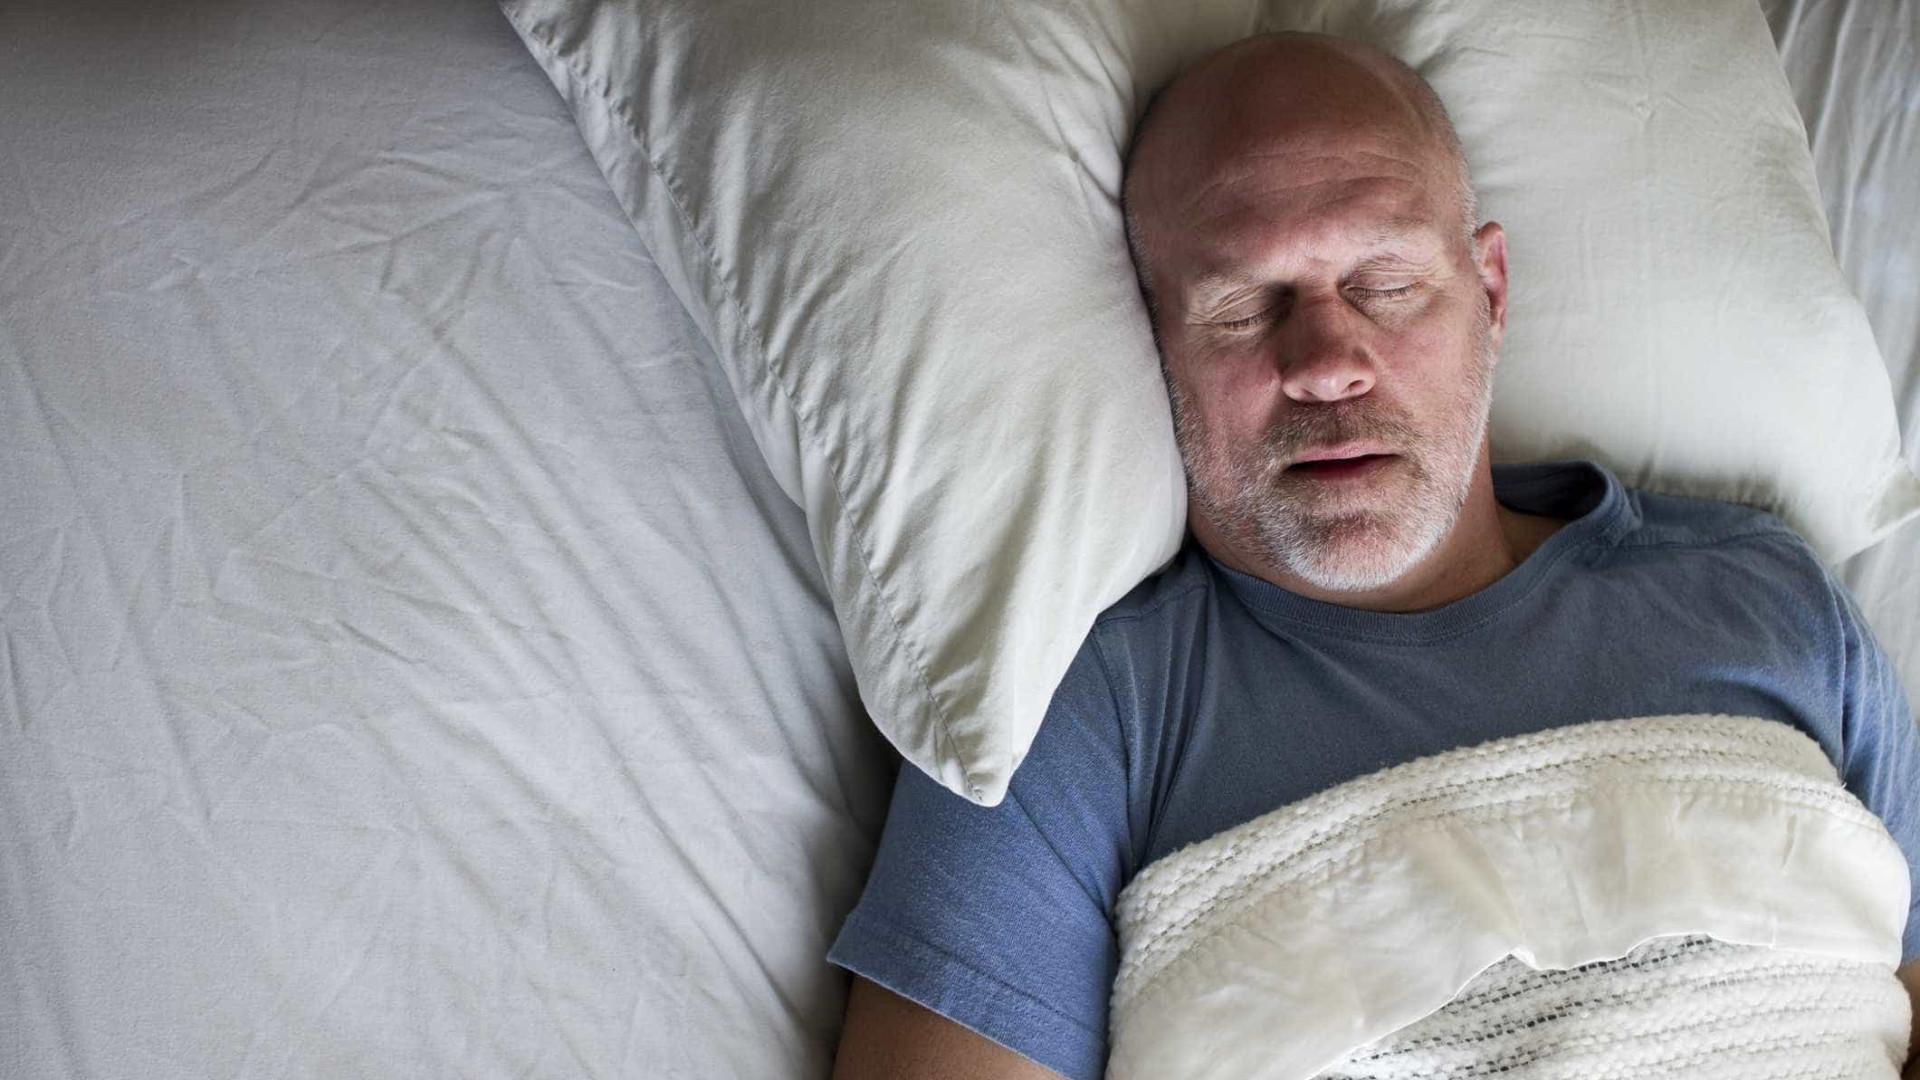 Em Coimbra, procura-se melhorar o diagnóstico da apneia do sono